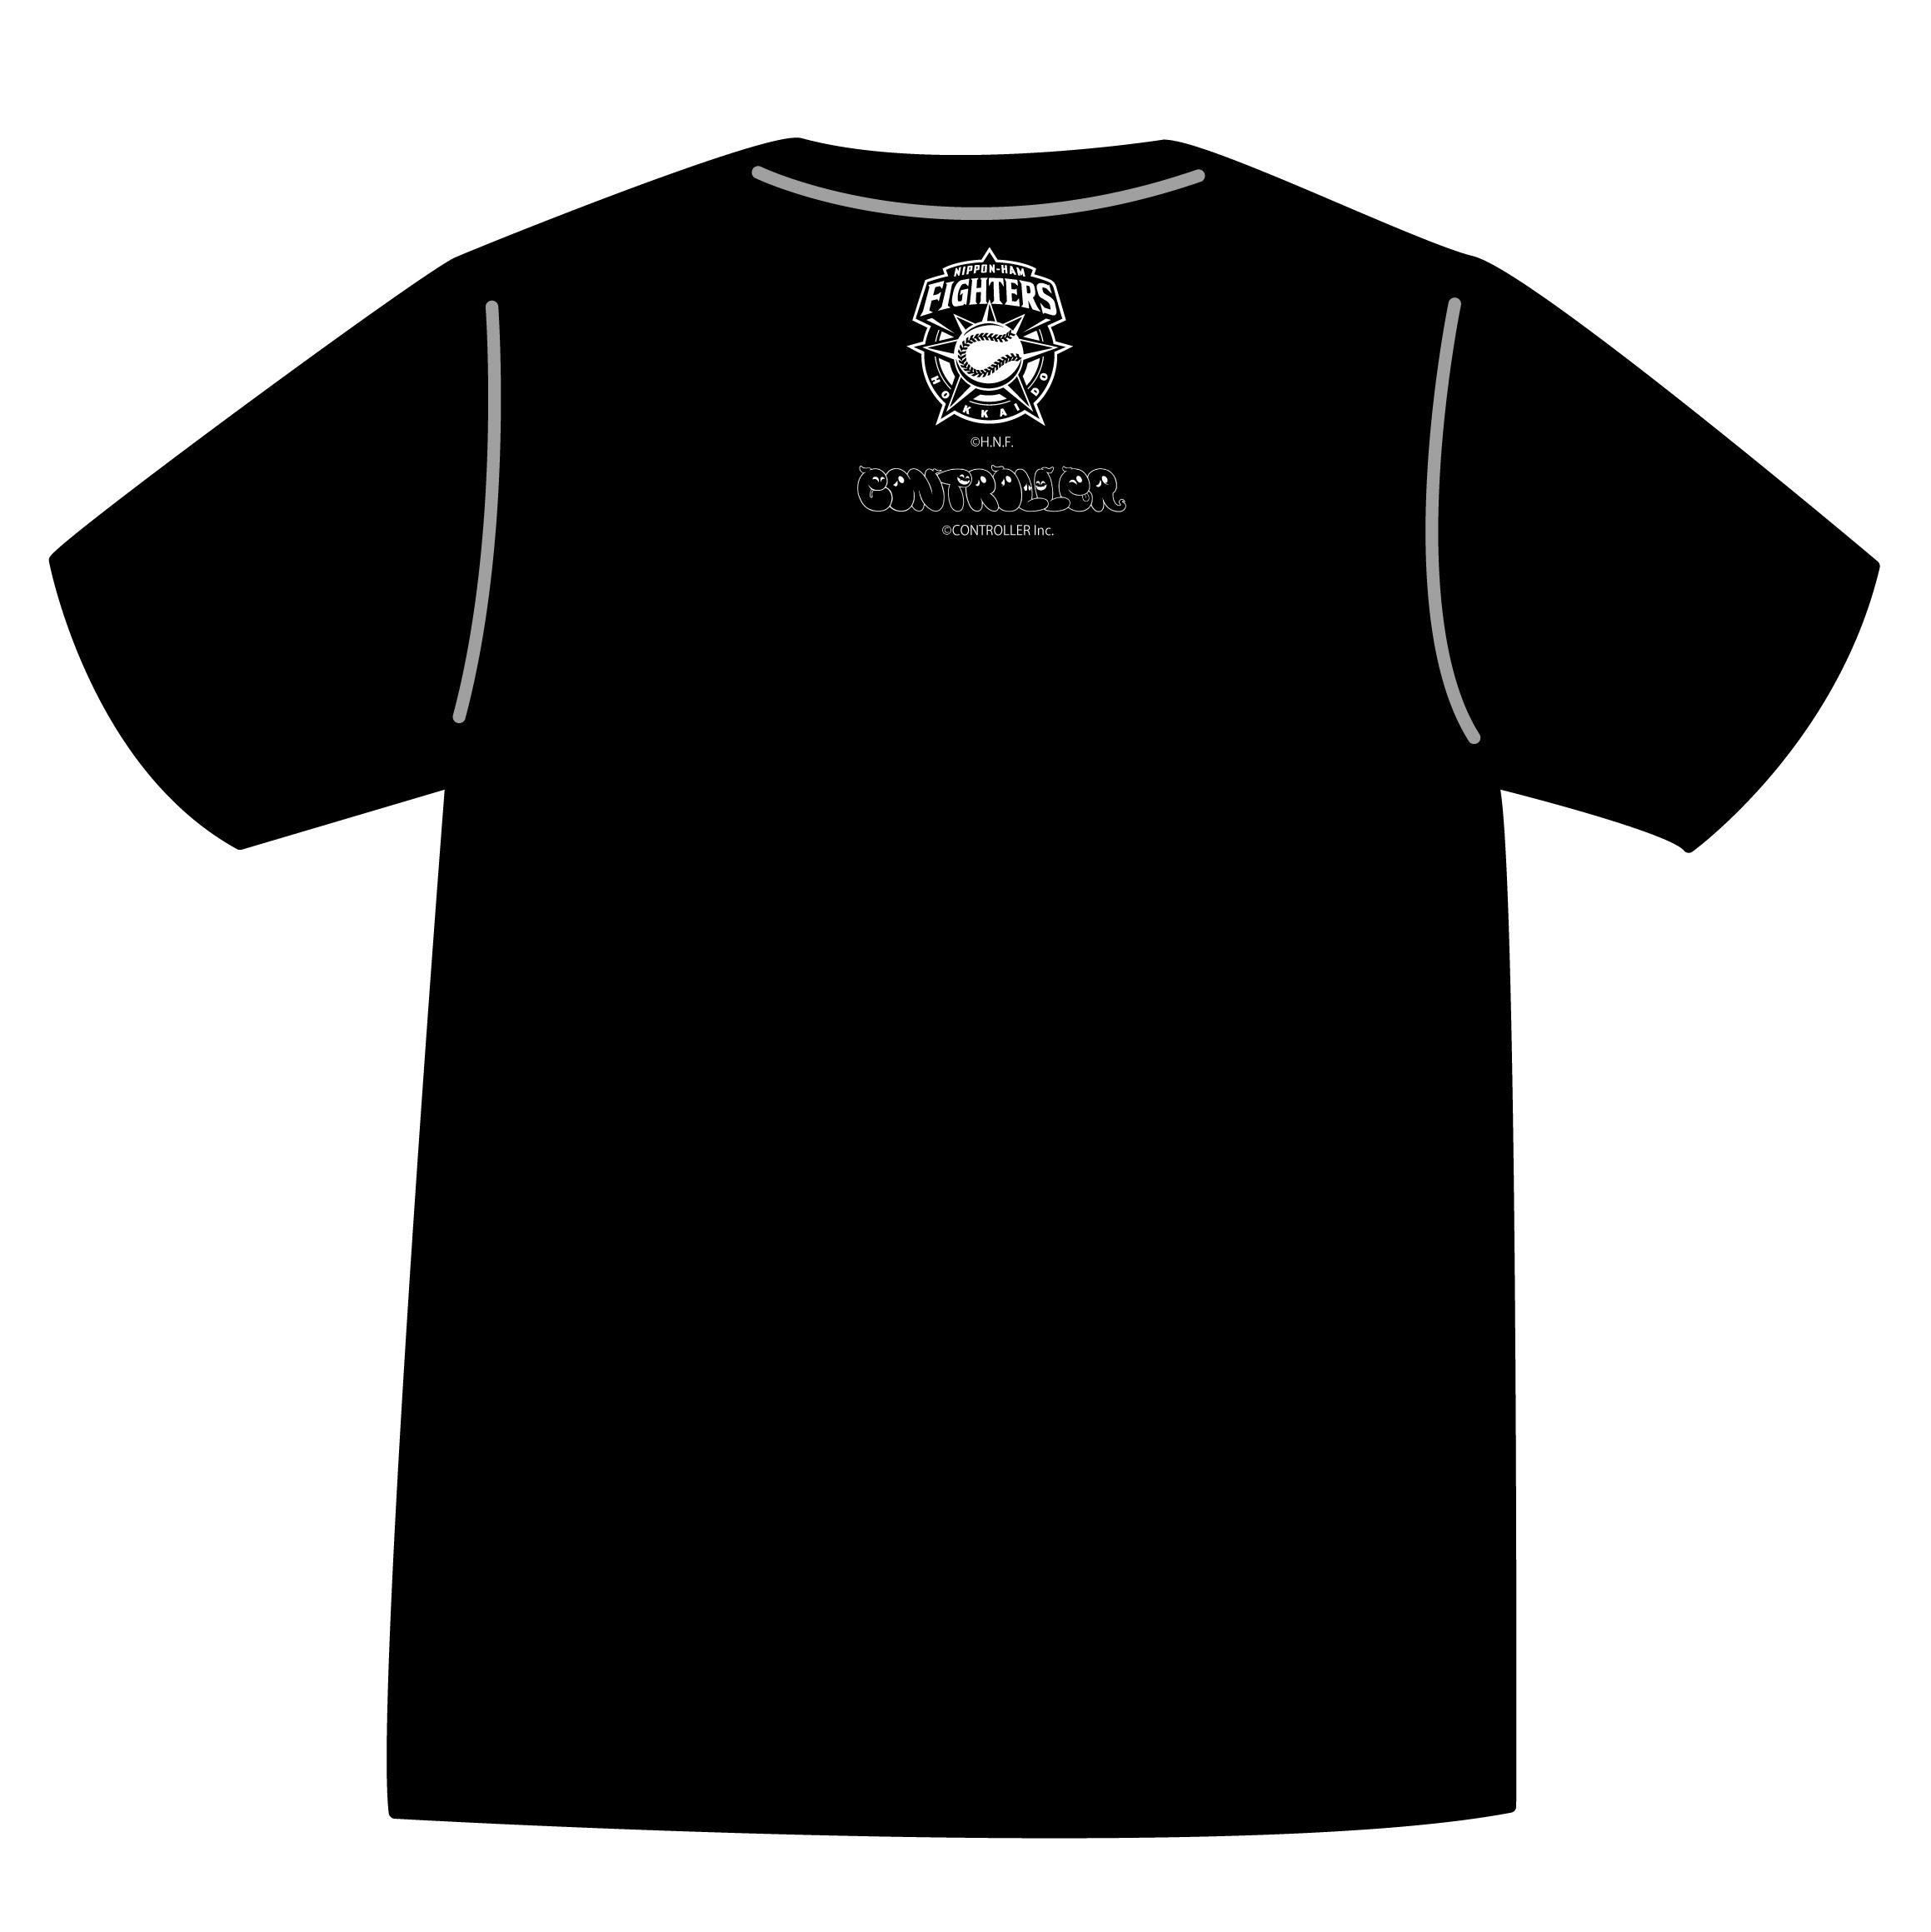 ドットファイターズ 「なかしま」 Tシャツ ブラック